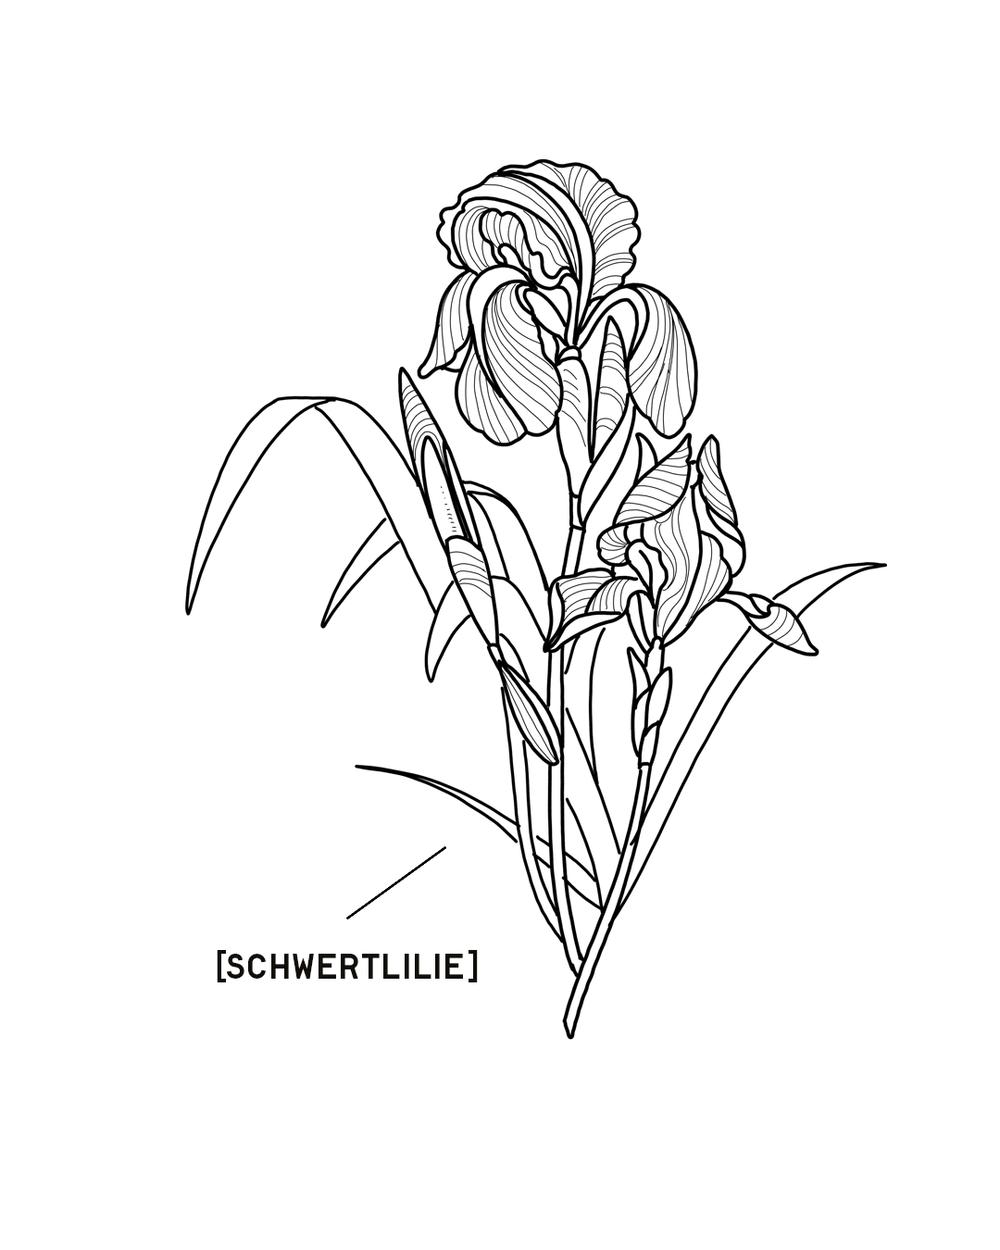 SCHWERTLILIE-1350X1080.png